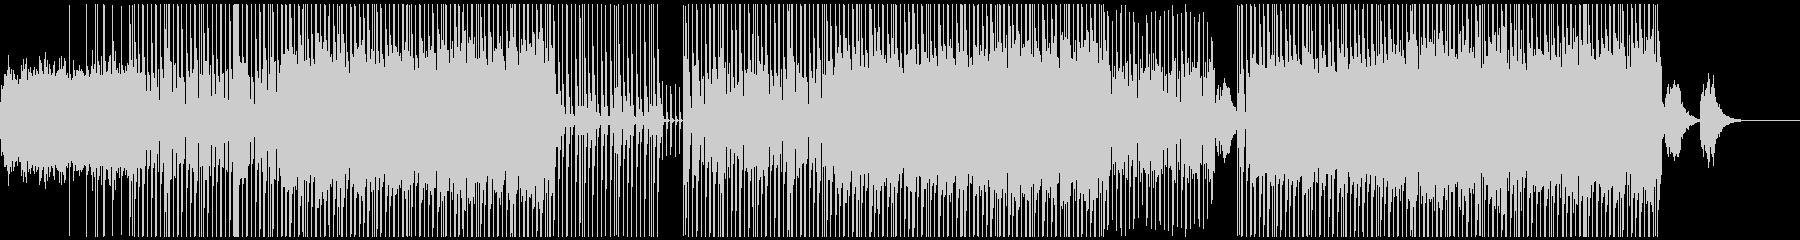 広がるシンセとタイトなビートのBGMの未再生の波形